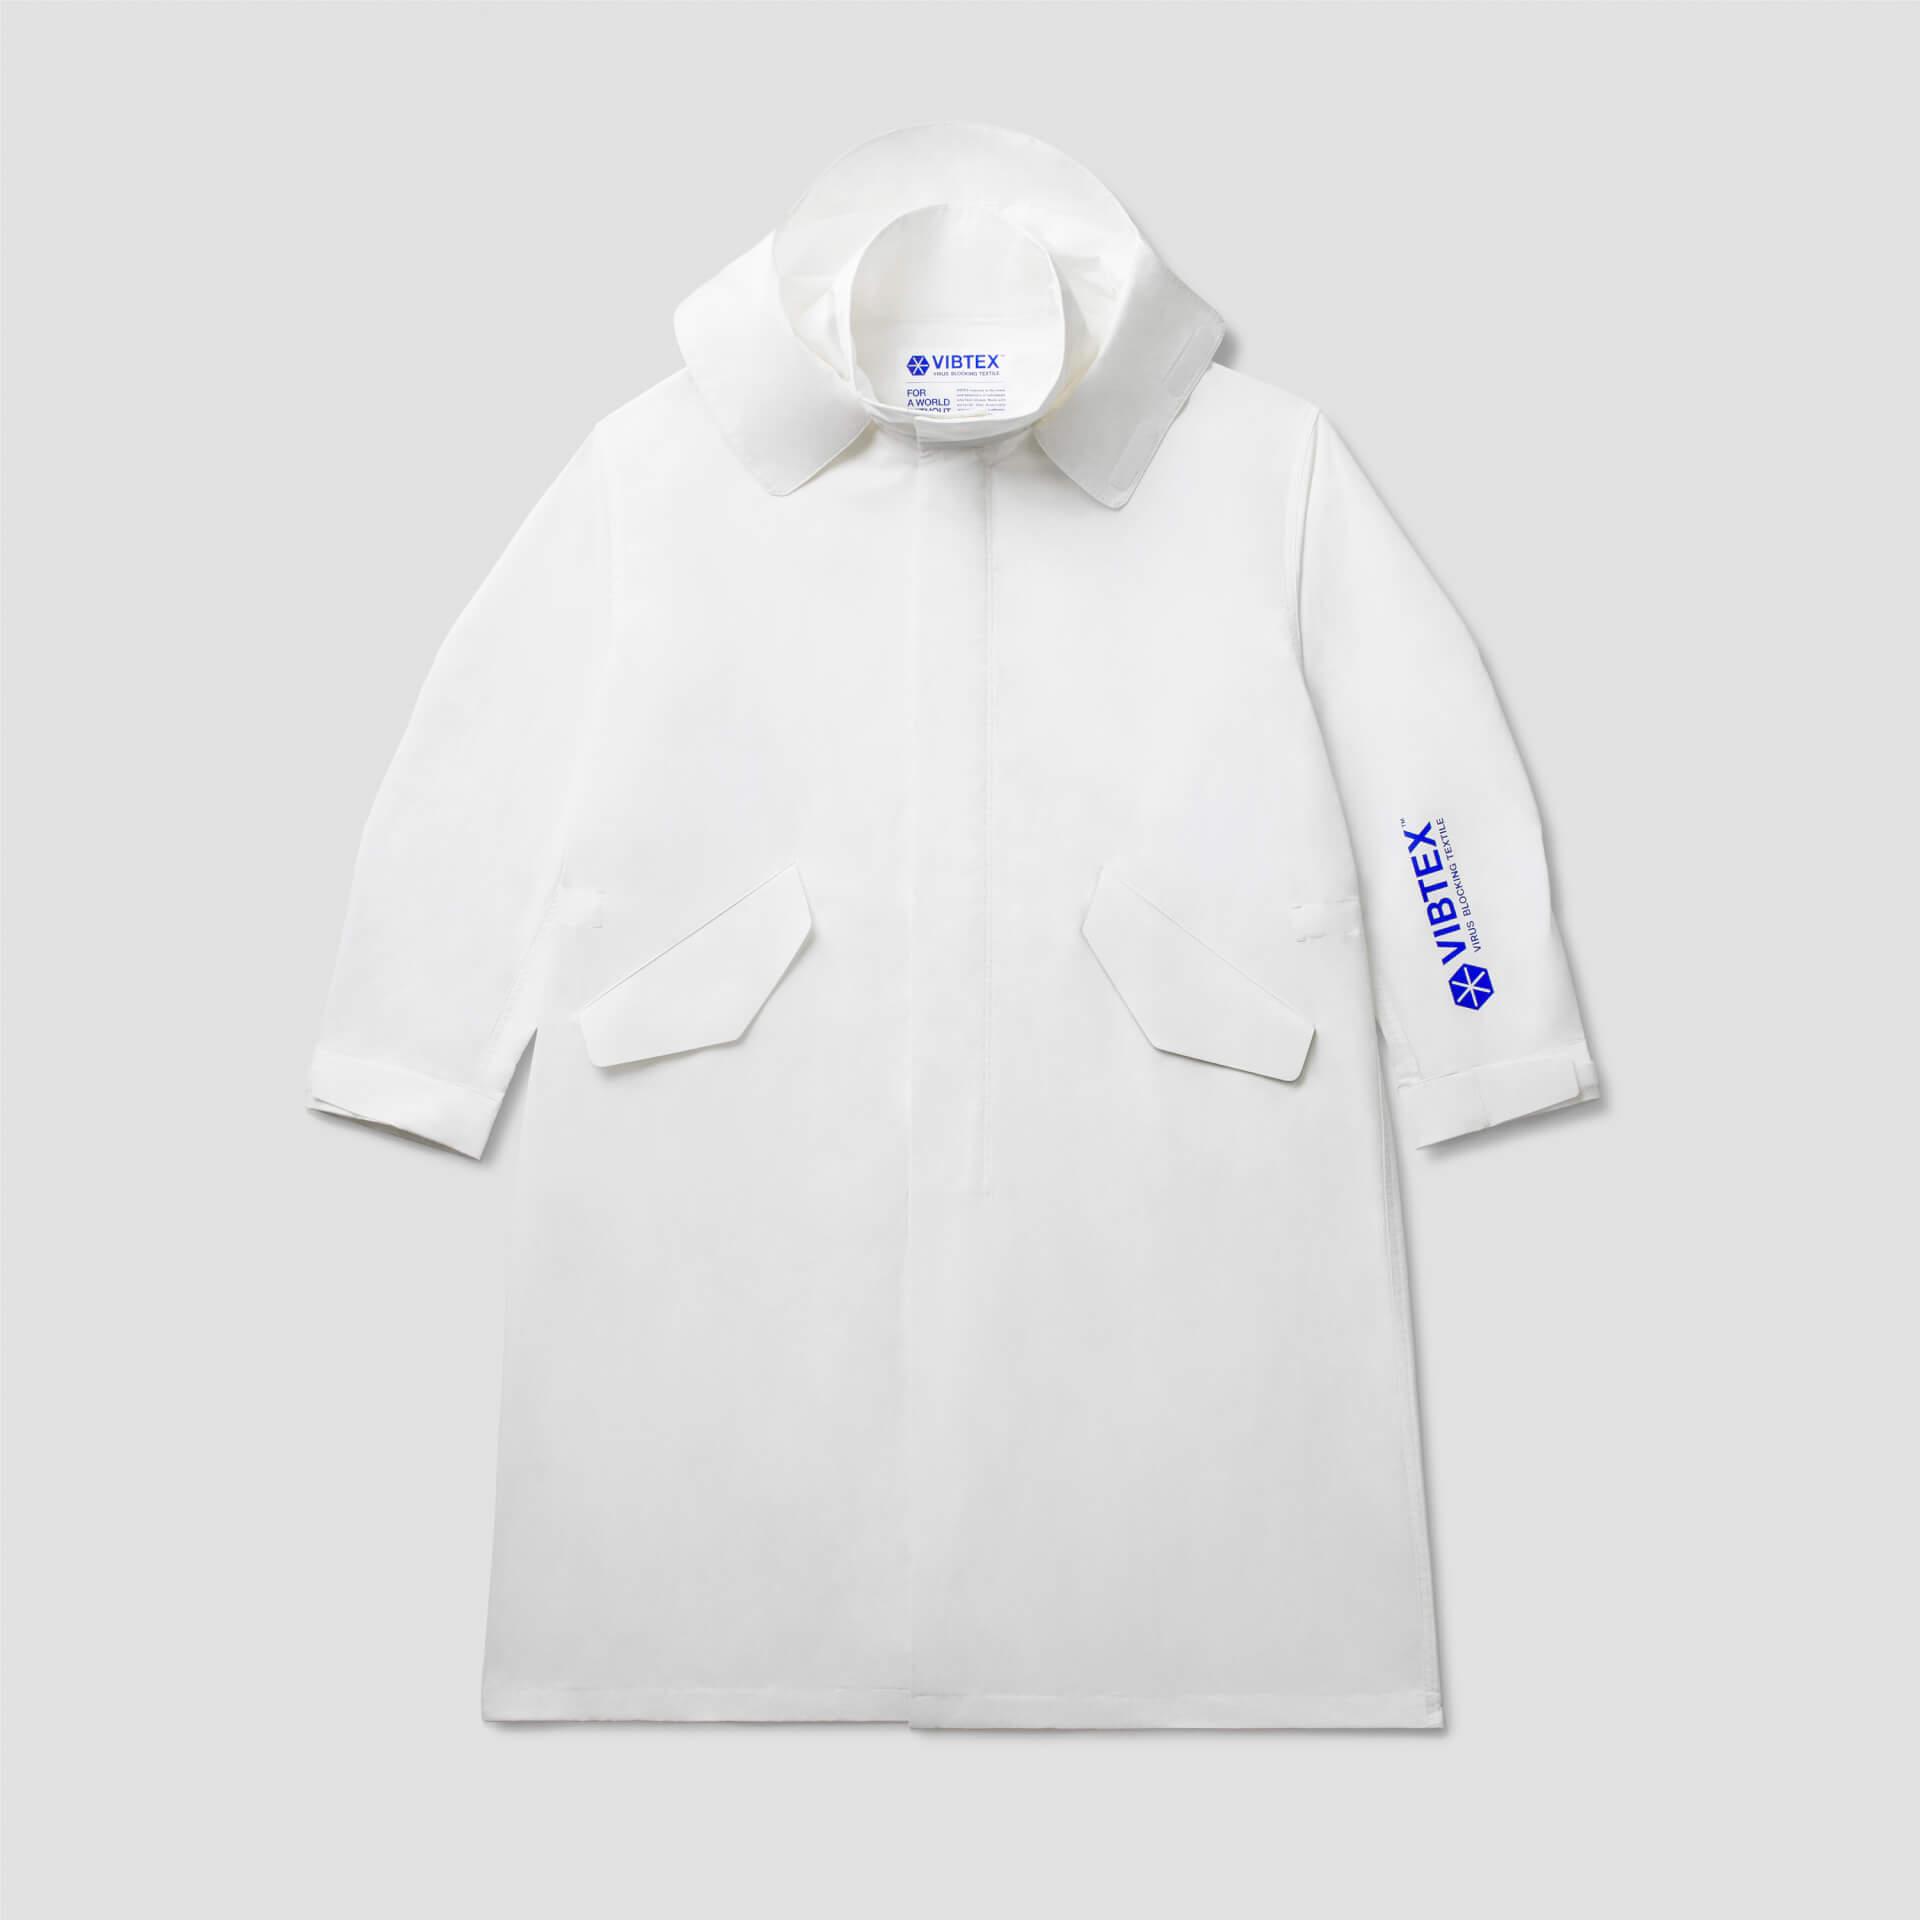 日本初の抗ウイルス機能を備えたアイテムが満載!「VIBTEX™」が誕生&コンセプトビジュアルにchelmico就任 fashion2020910-vibtex37